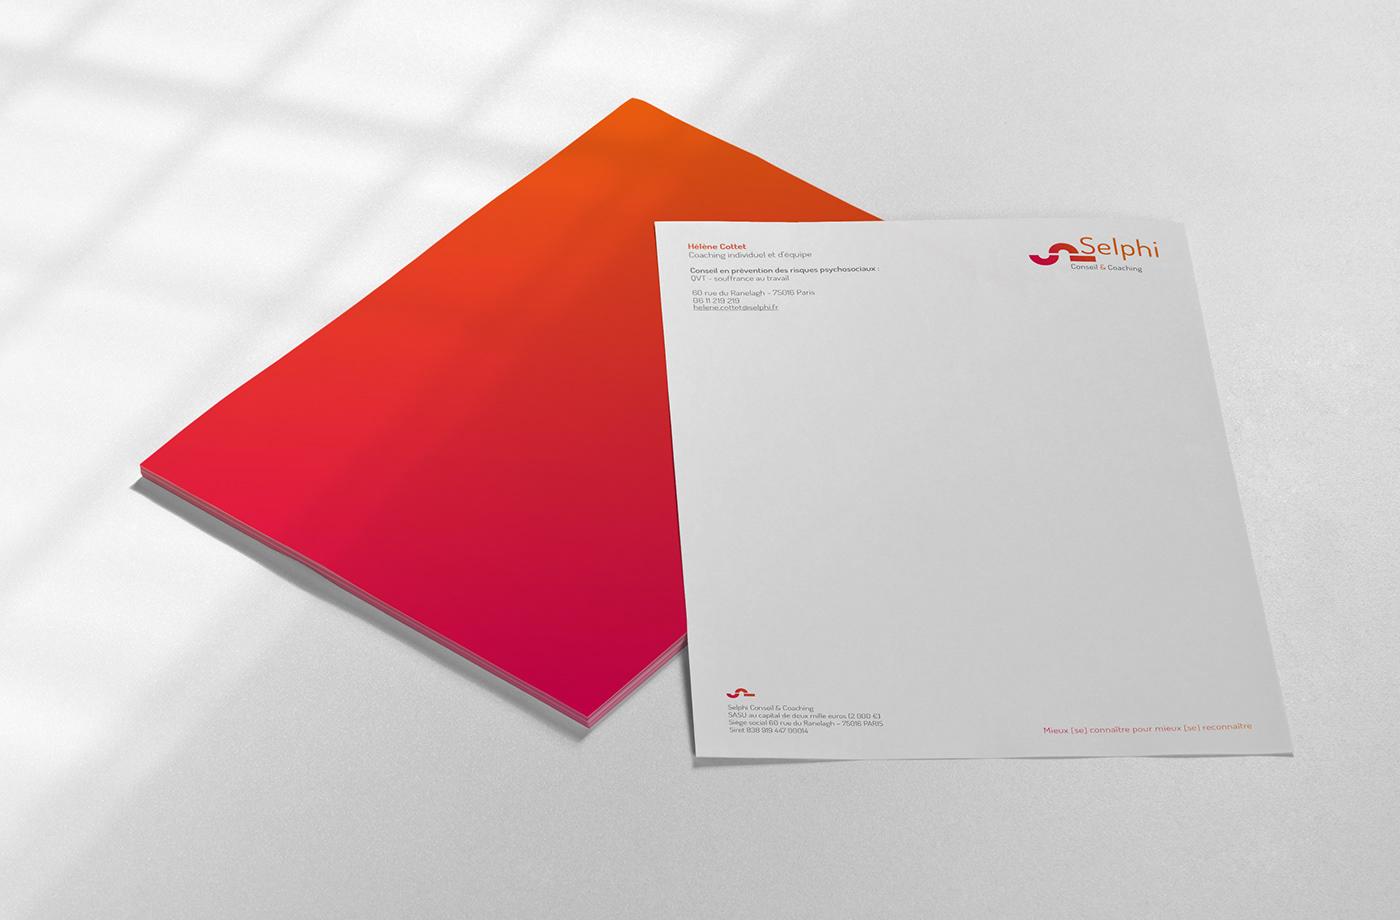 logo selphi coaching identité visuelle graphisme conseil direction artistique cartes de visites